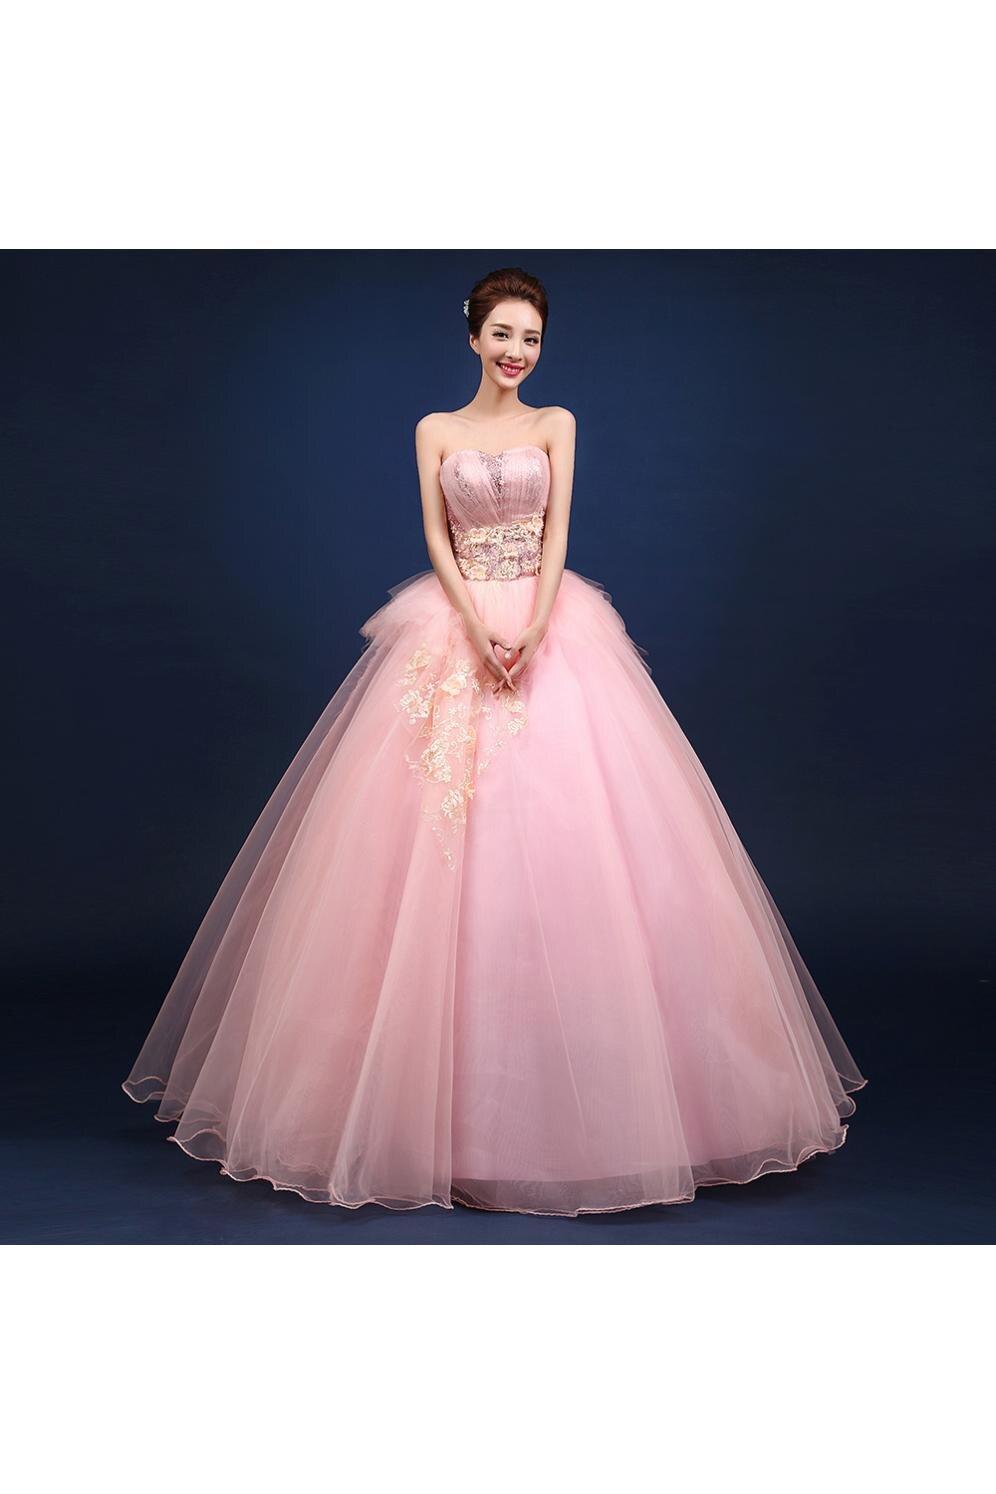 Lujoso Tamaño Vestido De Fiesta 16 Foto - Colección de Vestidos de ...